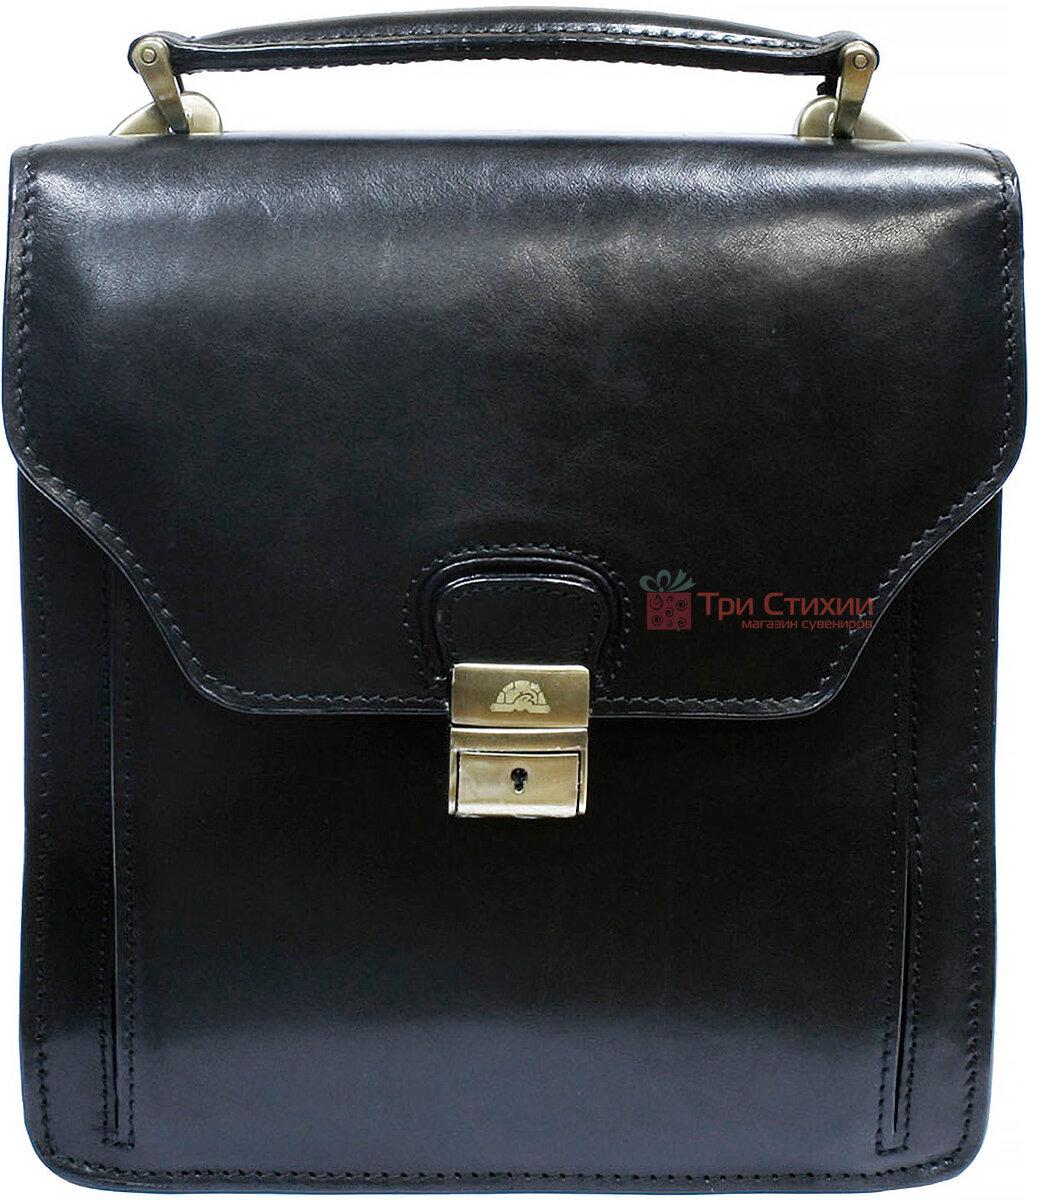 Сумка-планшет Tony Perotti Italico 8265-it Чорна, фото 2